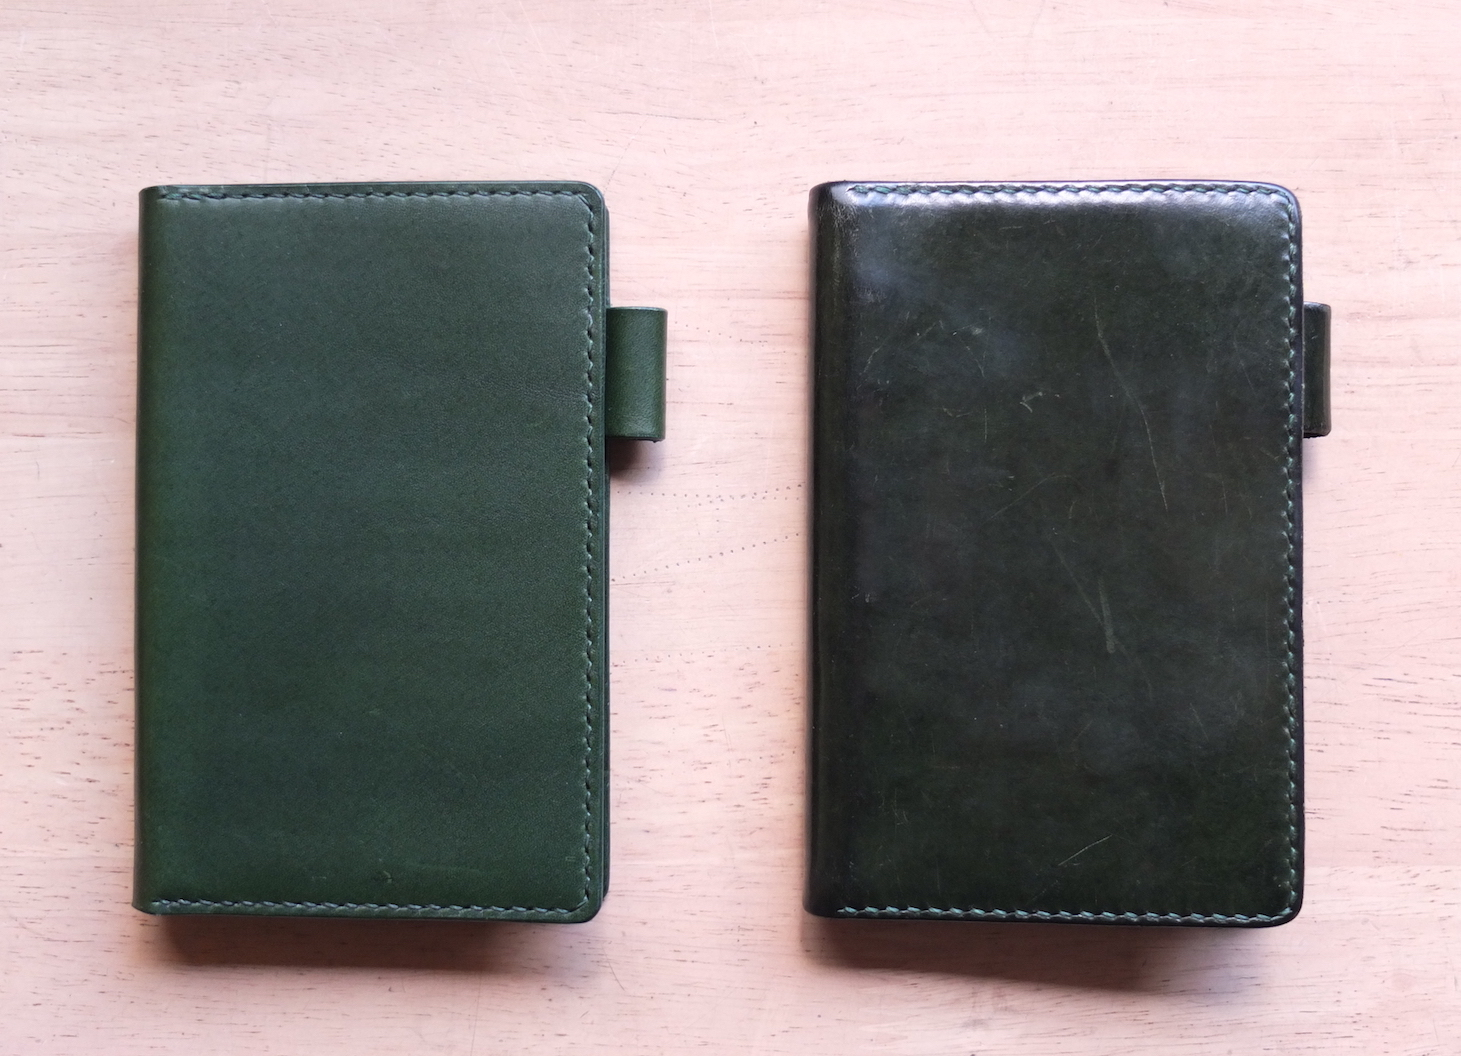 SIRUHA(シルハ)手帳